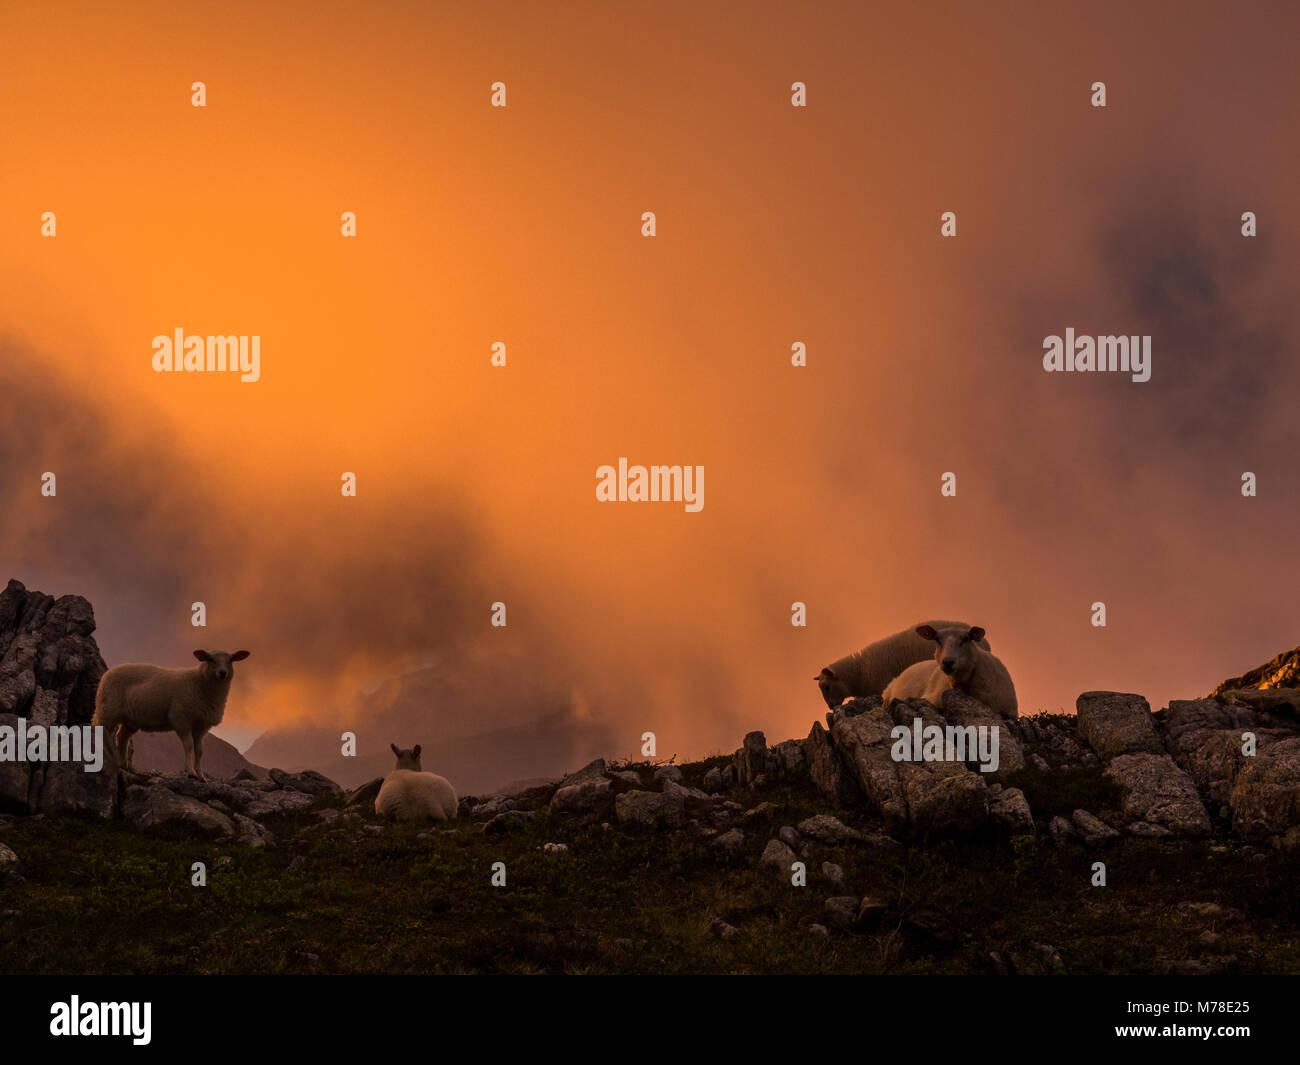 Ovejas en una colina durante la puesta de sol con niebla. Imagen De Stock